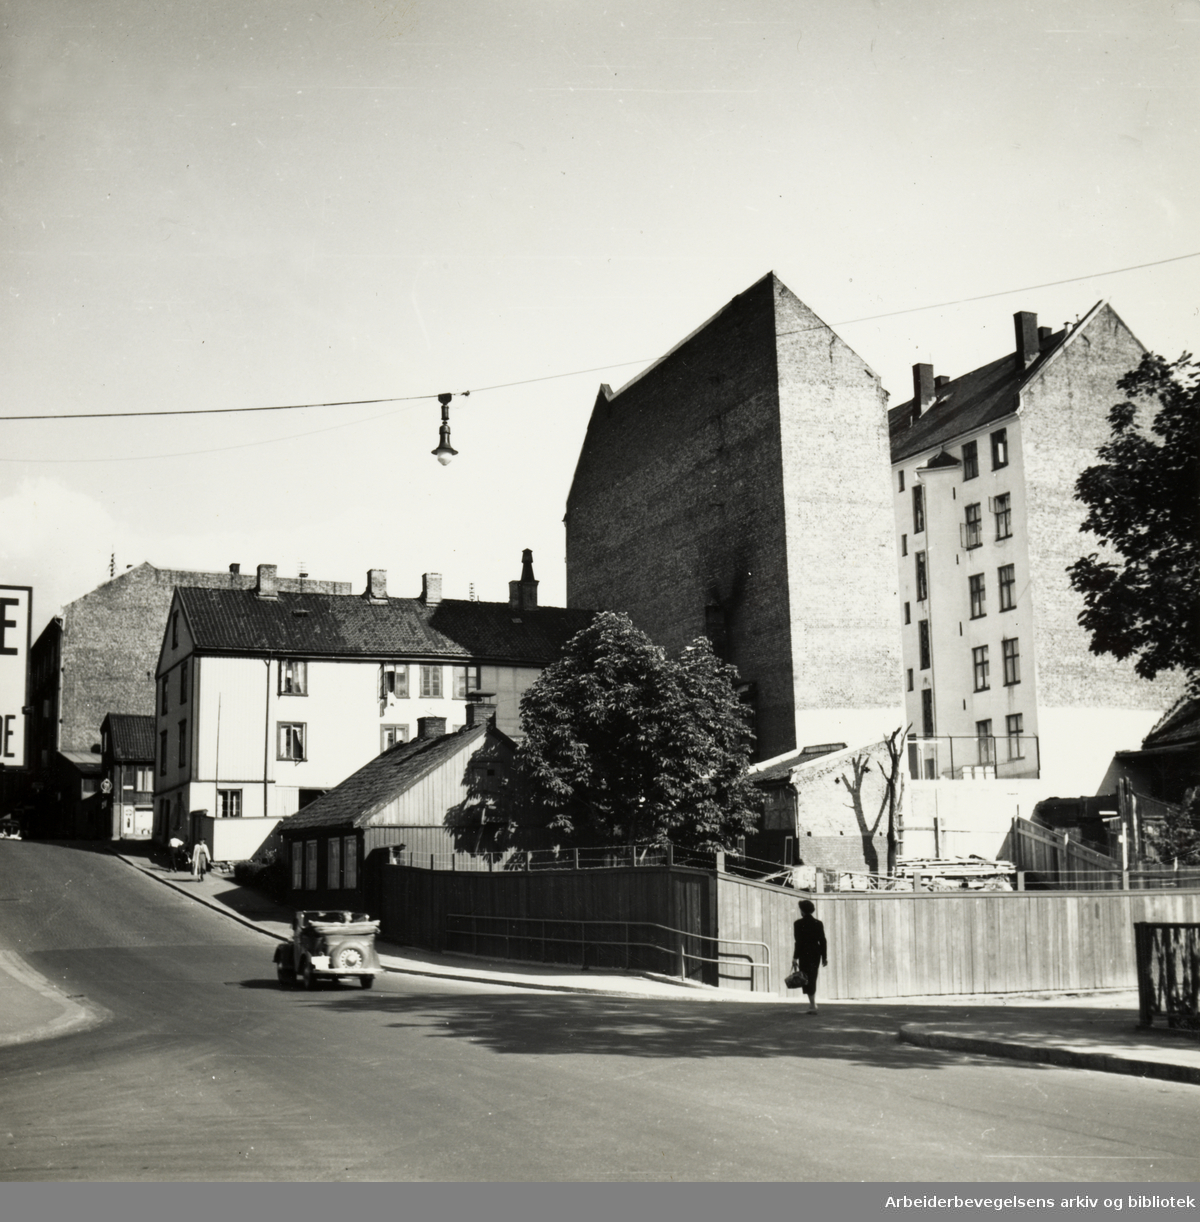 Grünerhagen. 1956